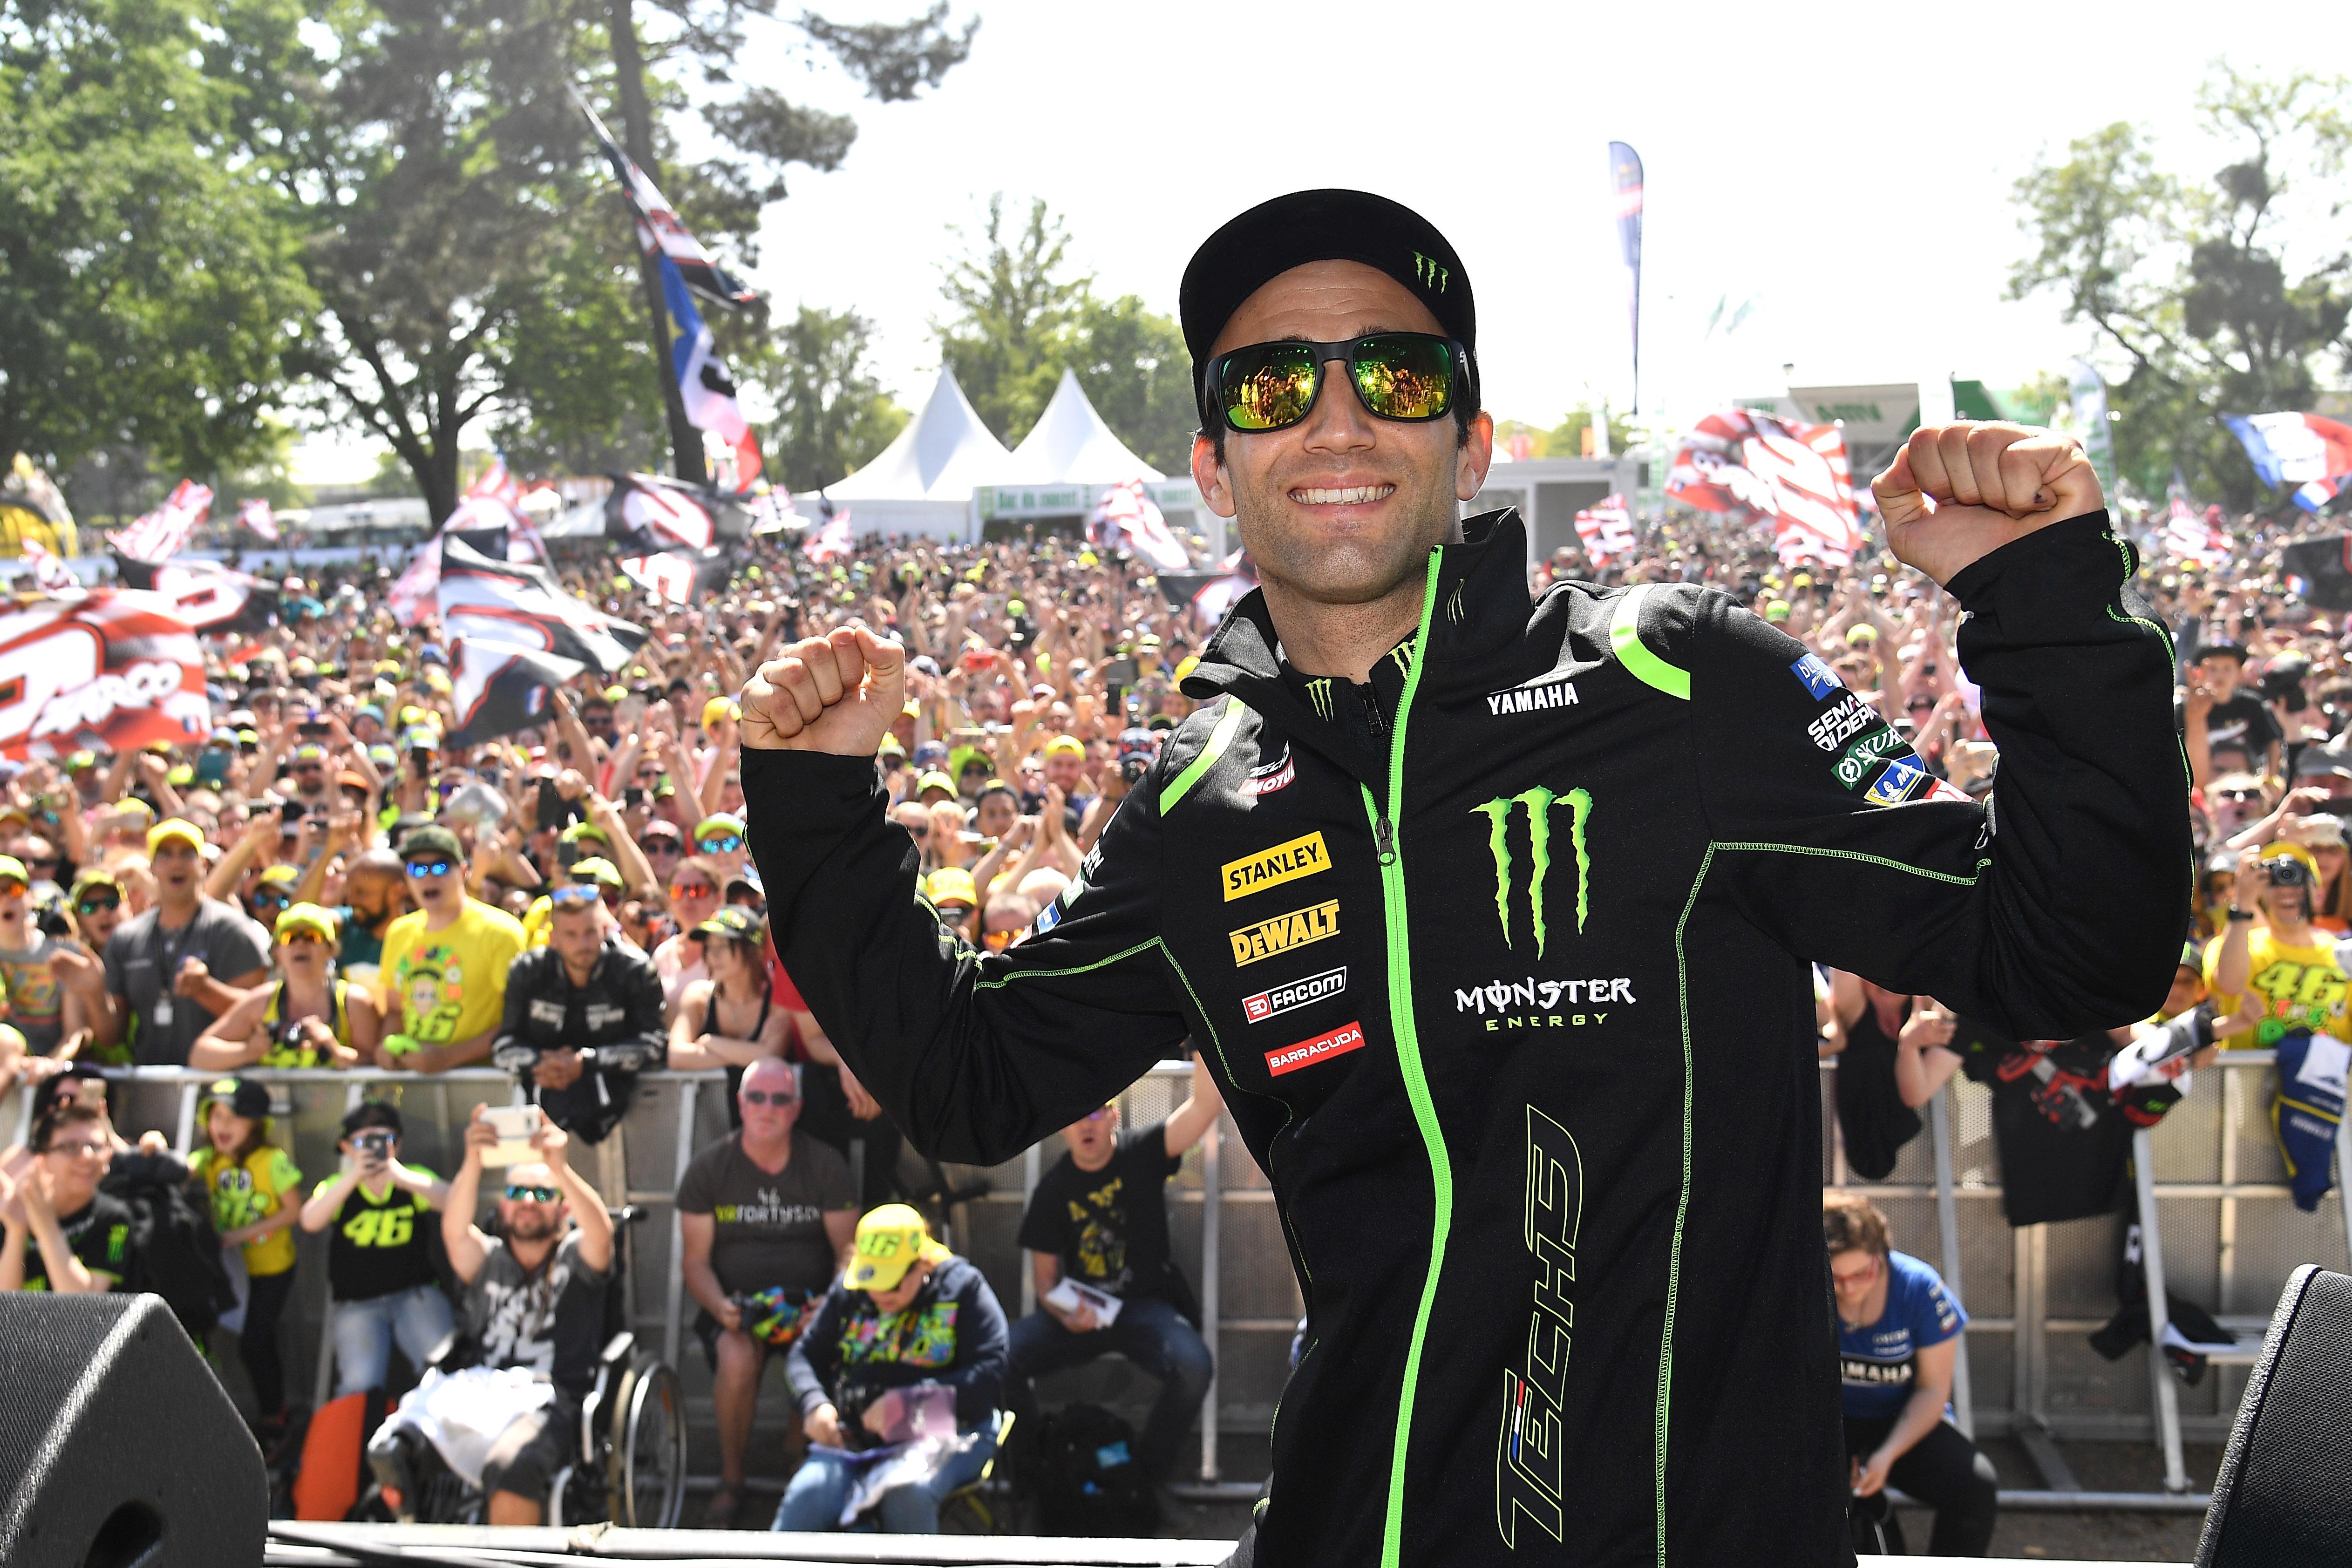 Avec un pilote français en pôle pour la manche française de MotoGP, la Zarcomania était en feu ce week end au Mans